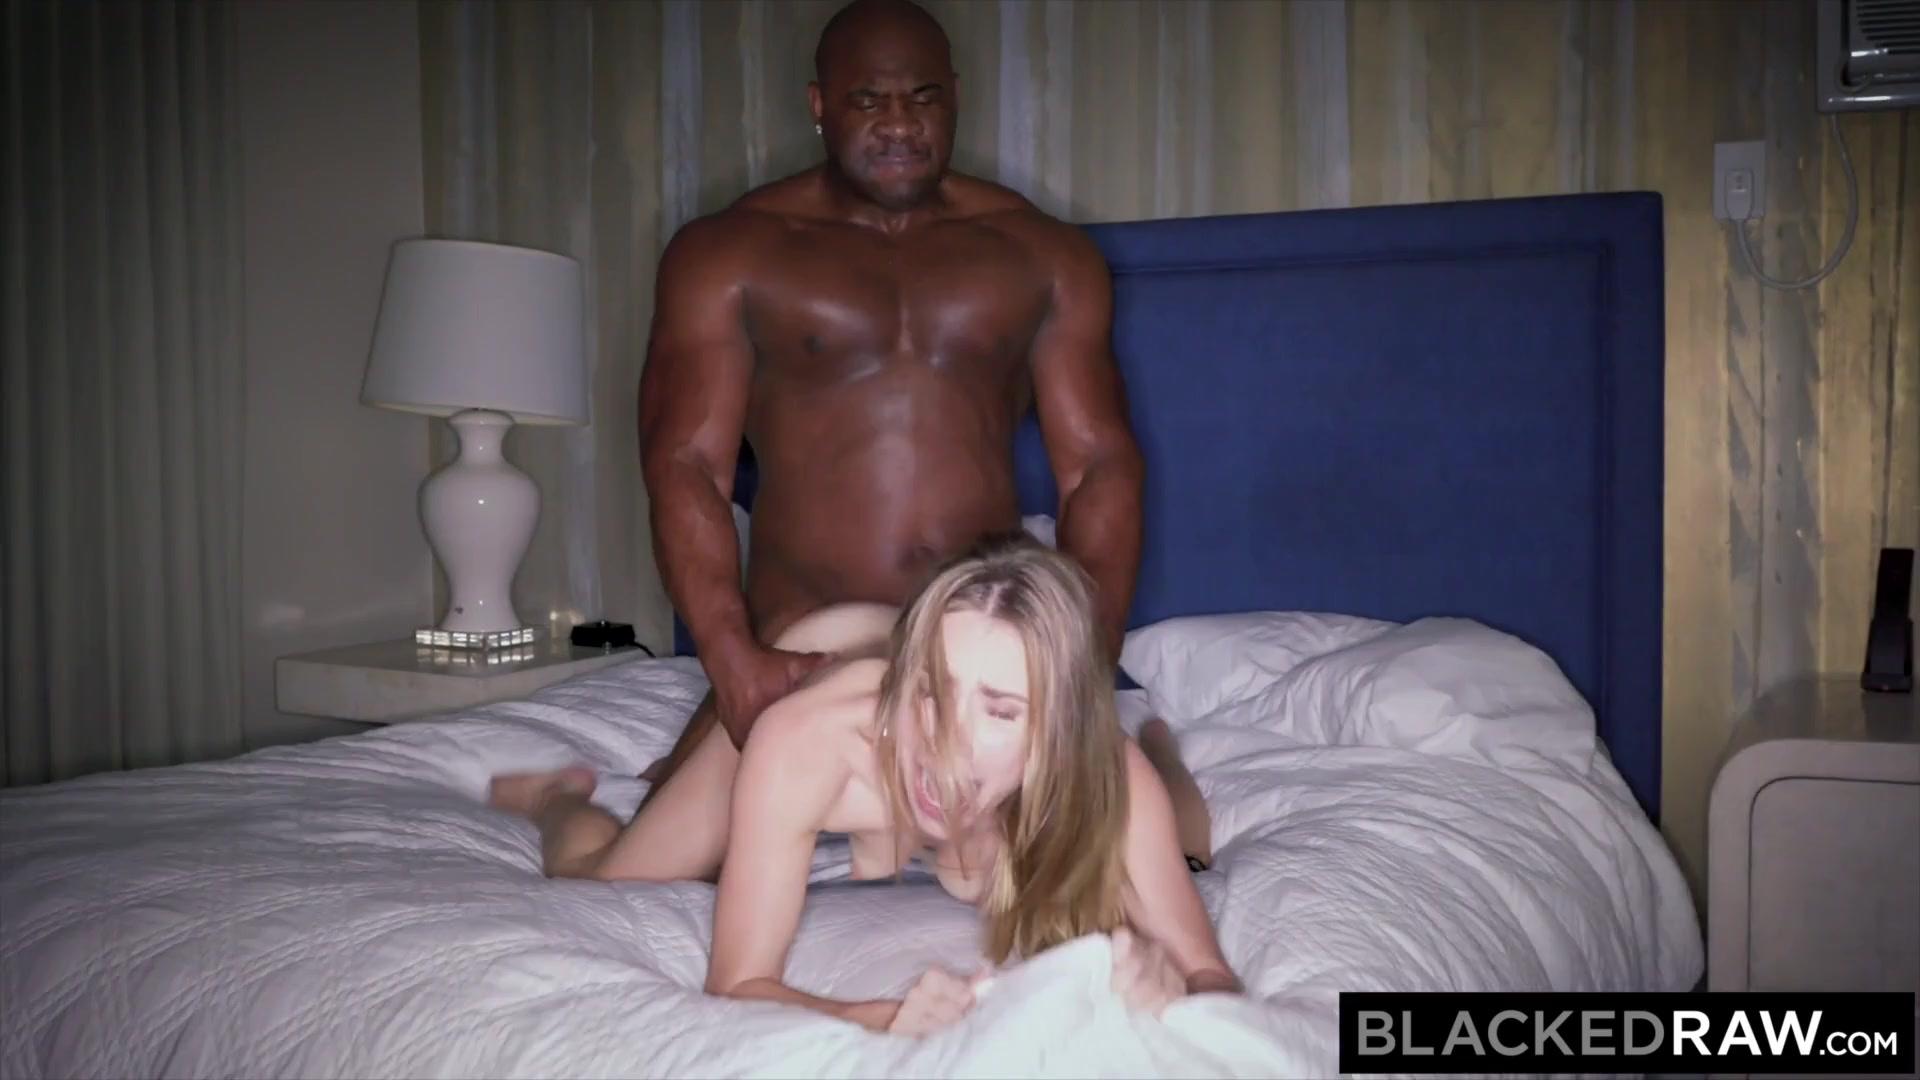 Ночью постели, нарезки необычного биссэксуального порно